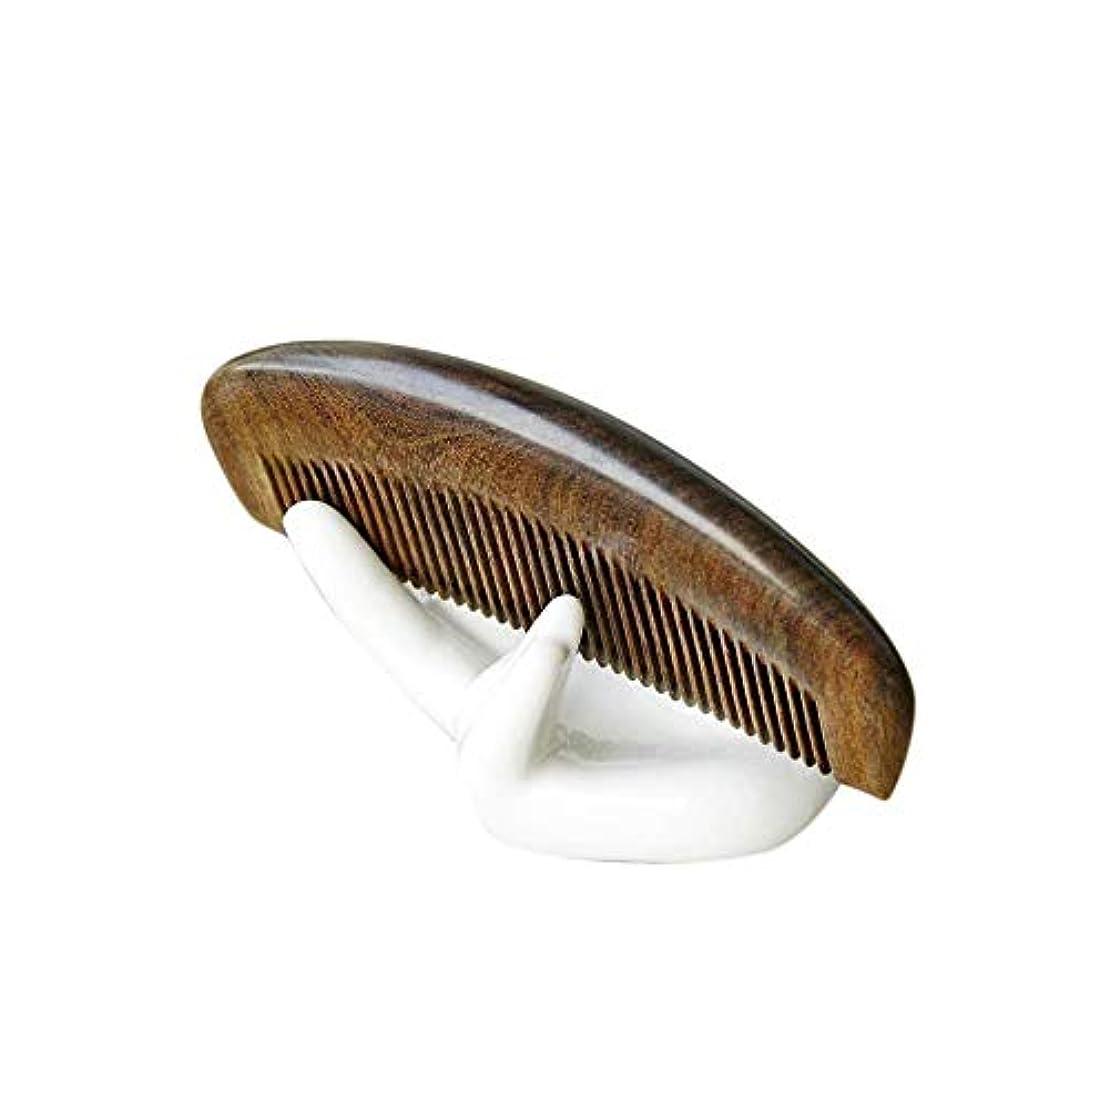 一時的襲撃テーブルを設定するFashianナチュラルサンダルウッドコーム - 手作りの木製ハーフムーンの形ワイド歯カーリーヘアくし ヘアケア (色 : Photo color)